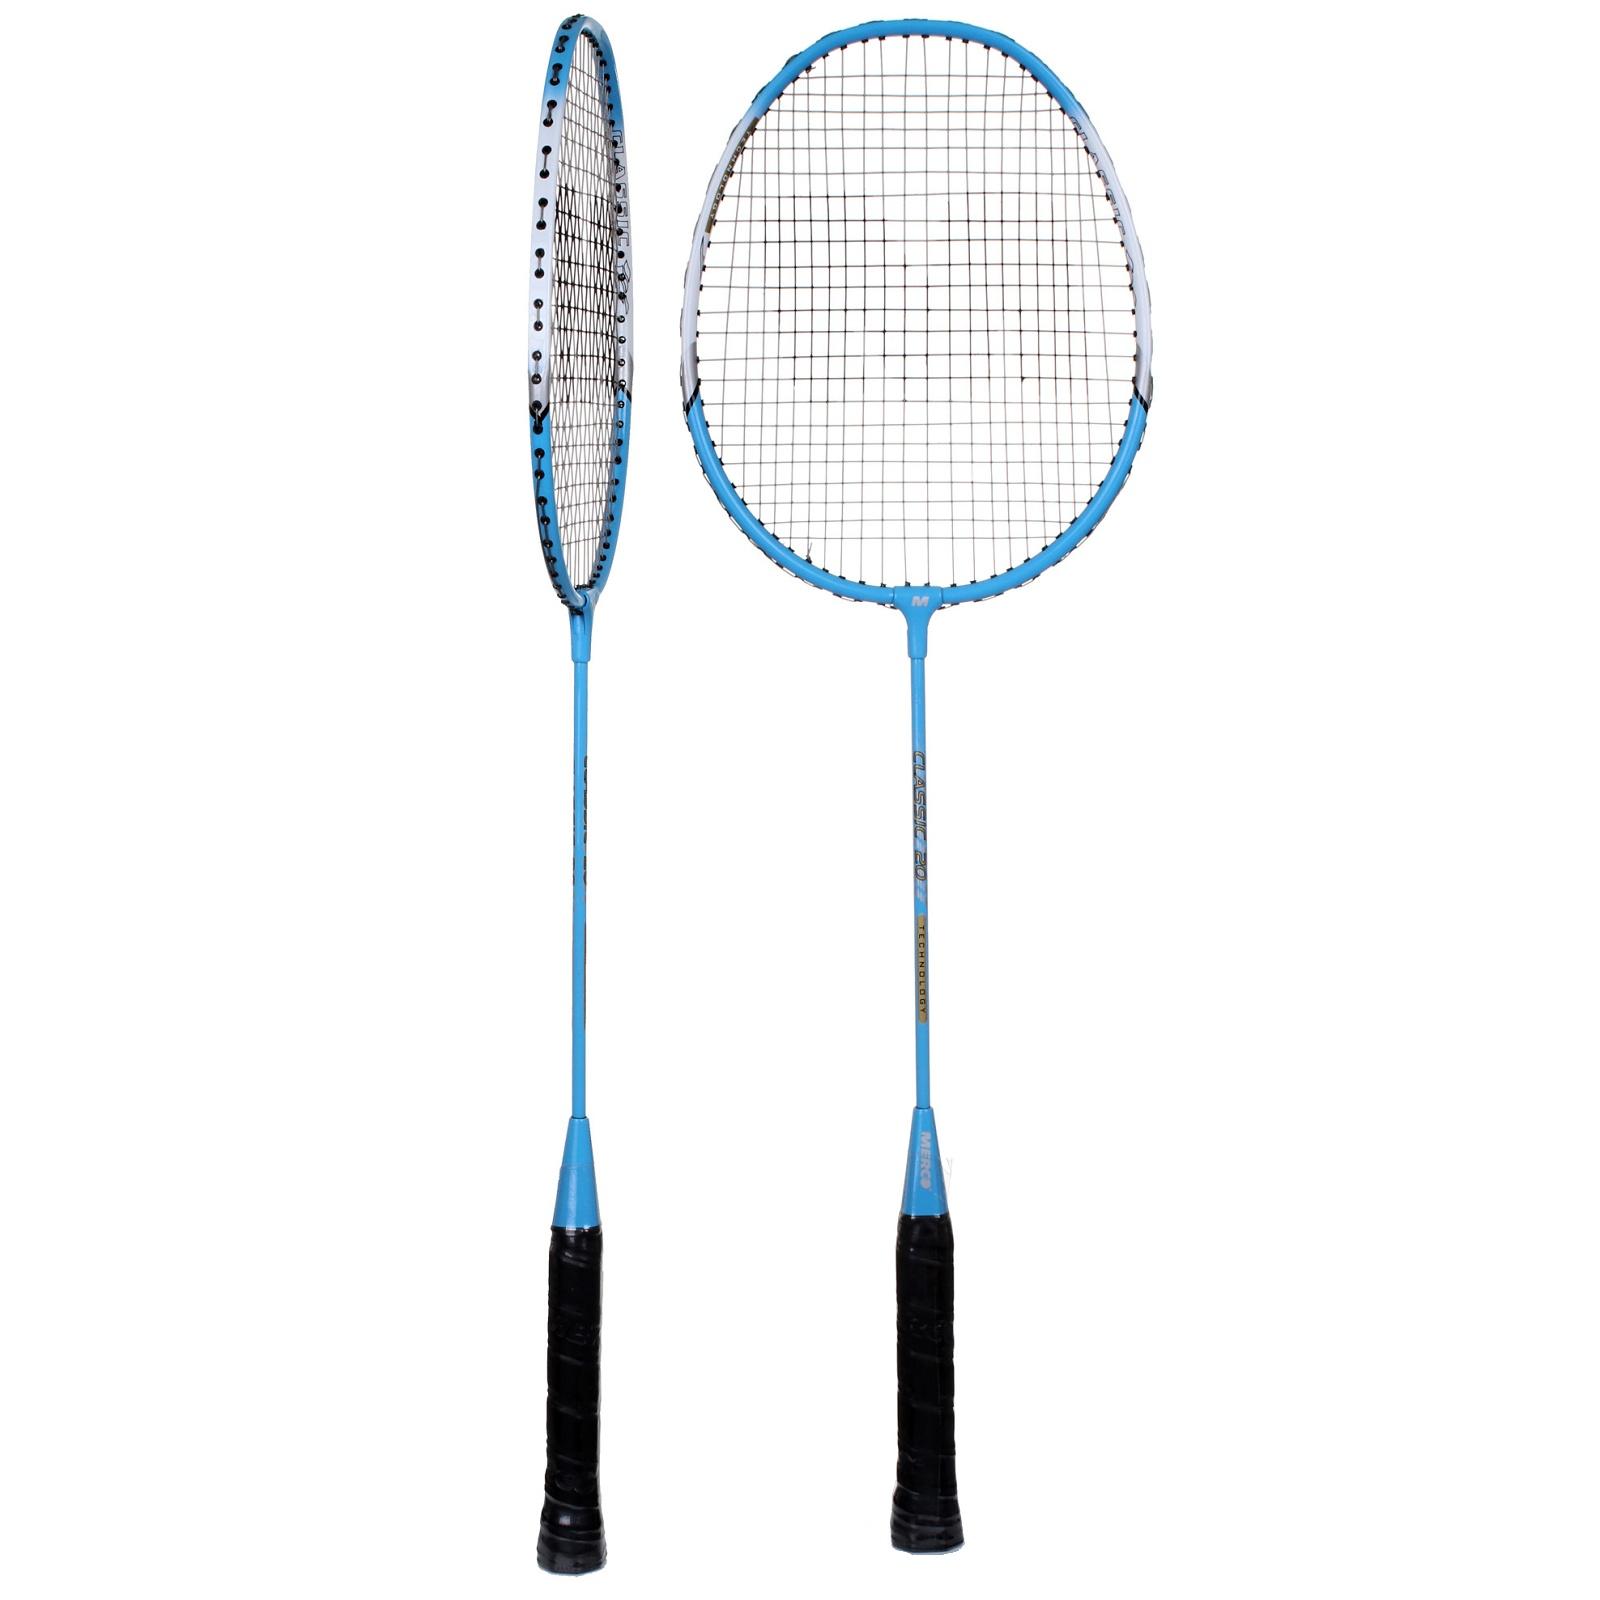 Badmintonový set MERCO Classic modrý